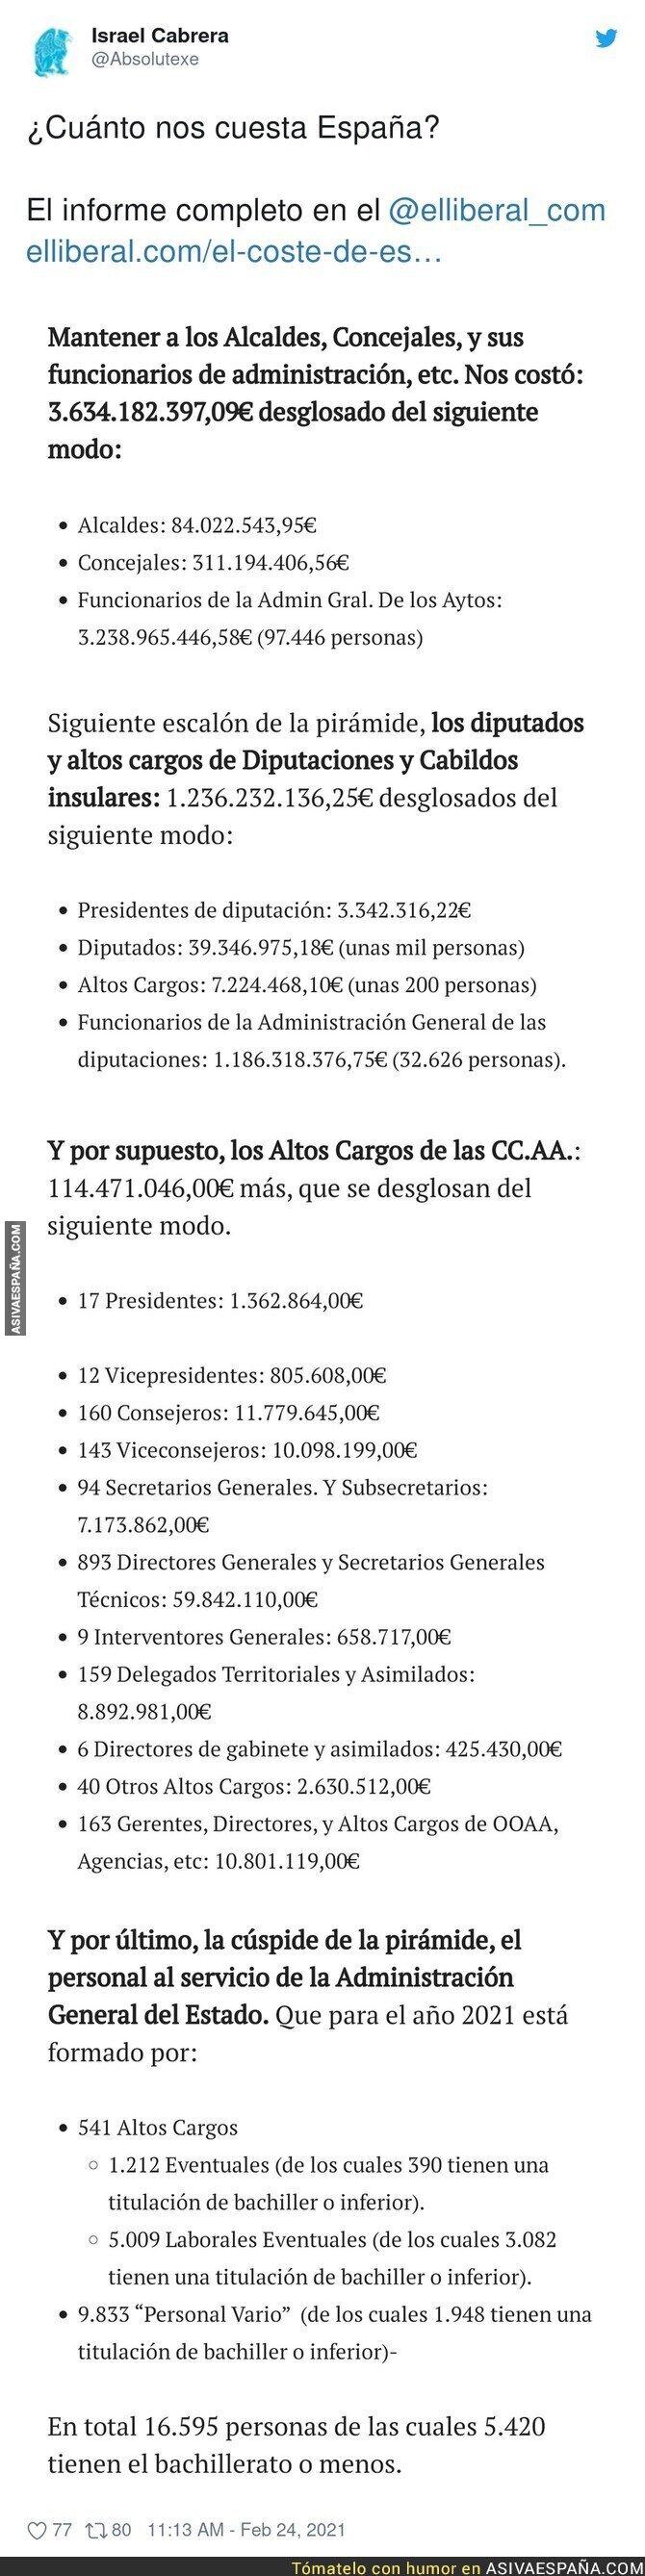 619158 - El coste de los políticos en España